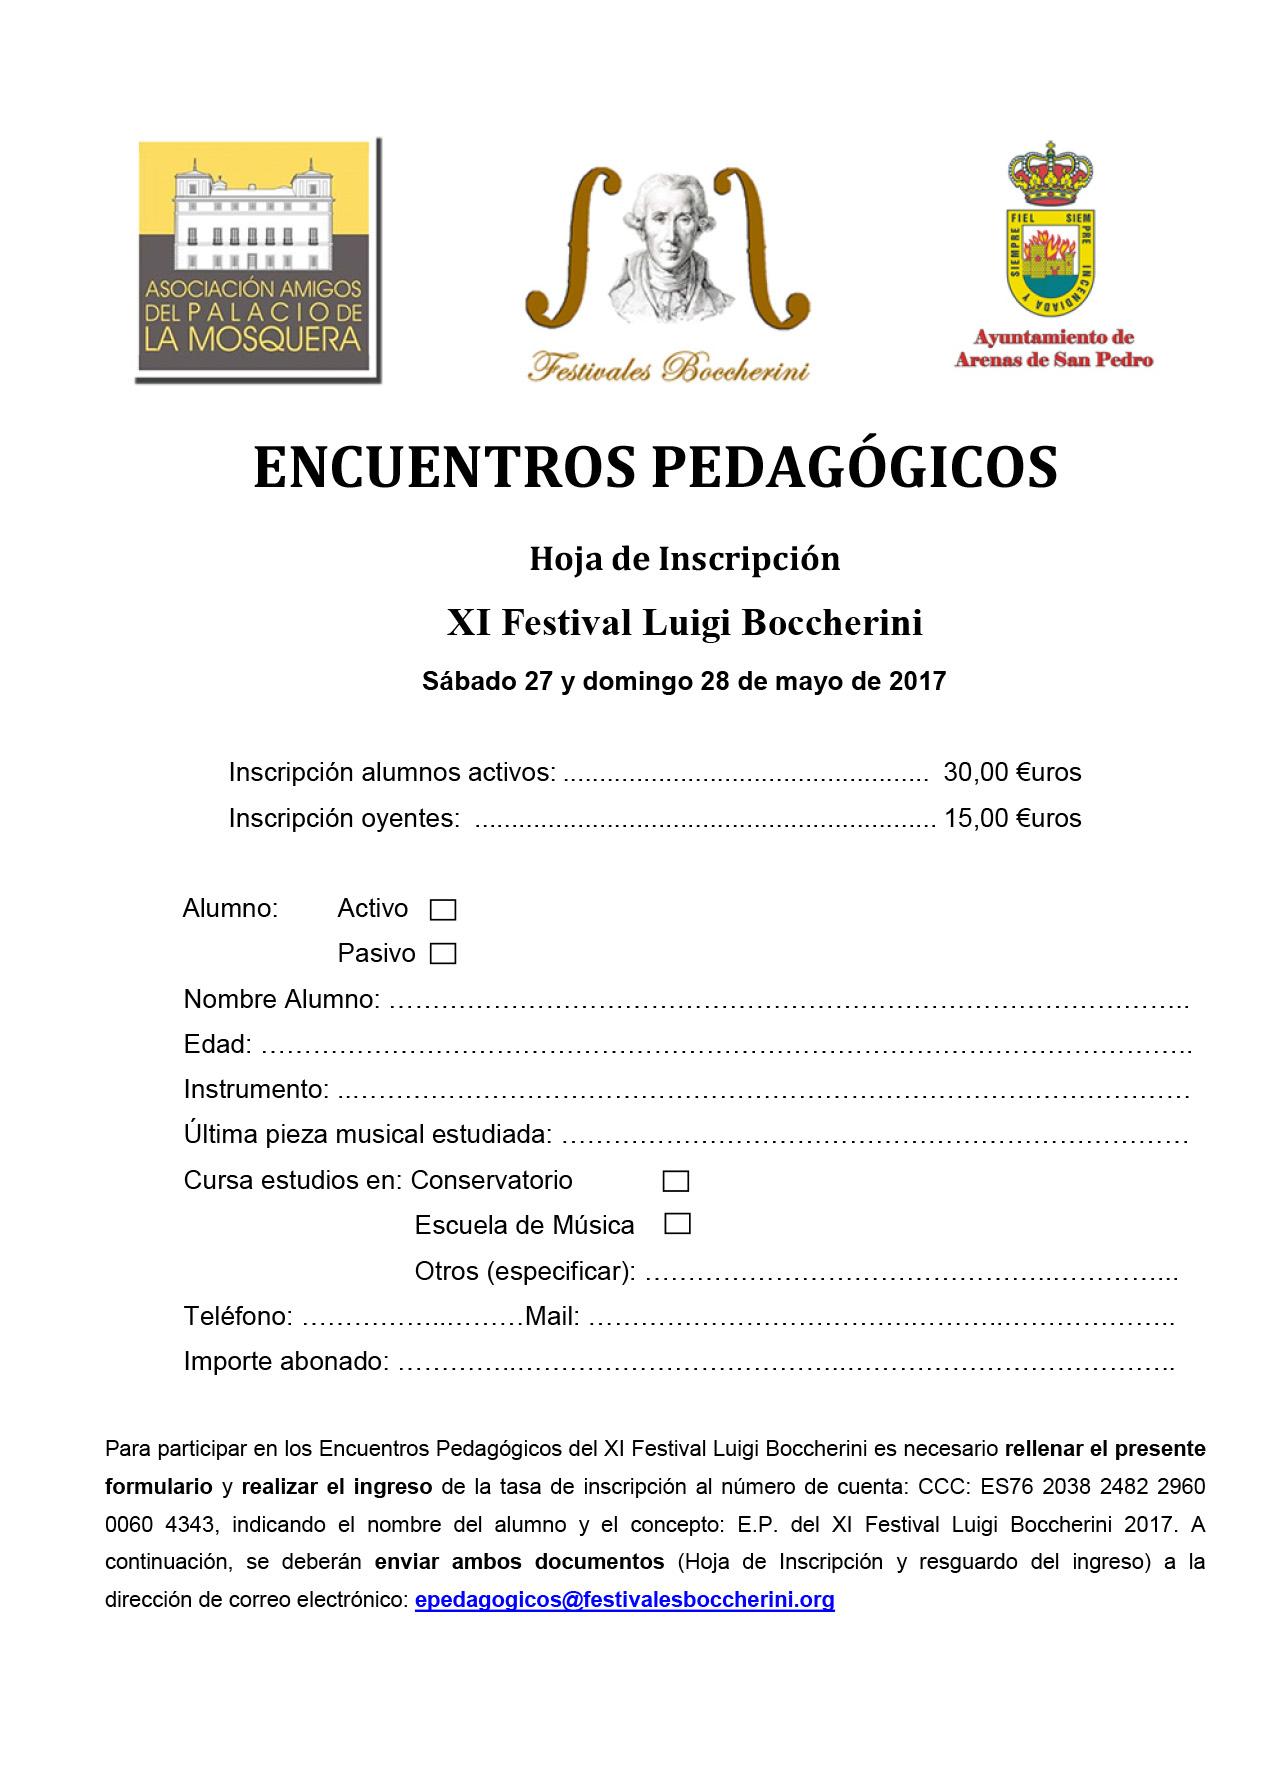 Hoja de Inscripción a los Encuentros Pedagógicos 2017